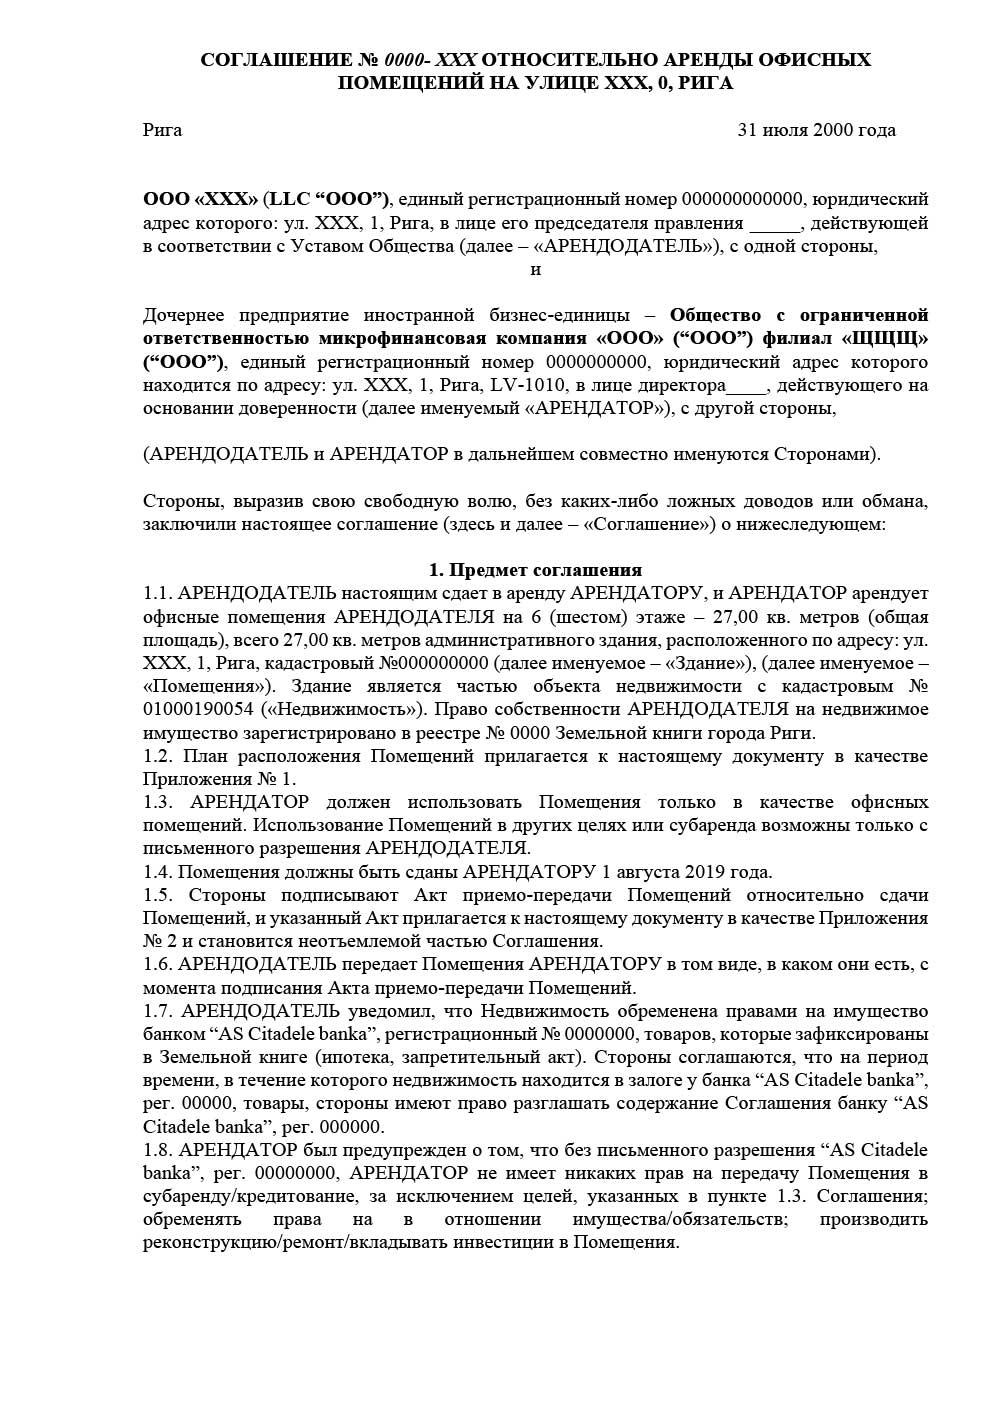 Пример перевода договора аренды с английского языка